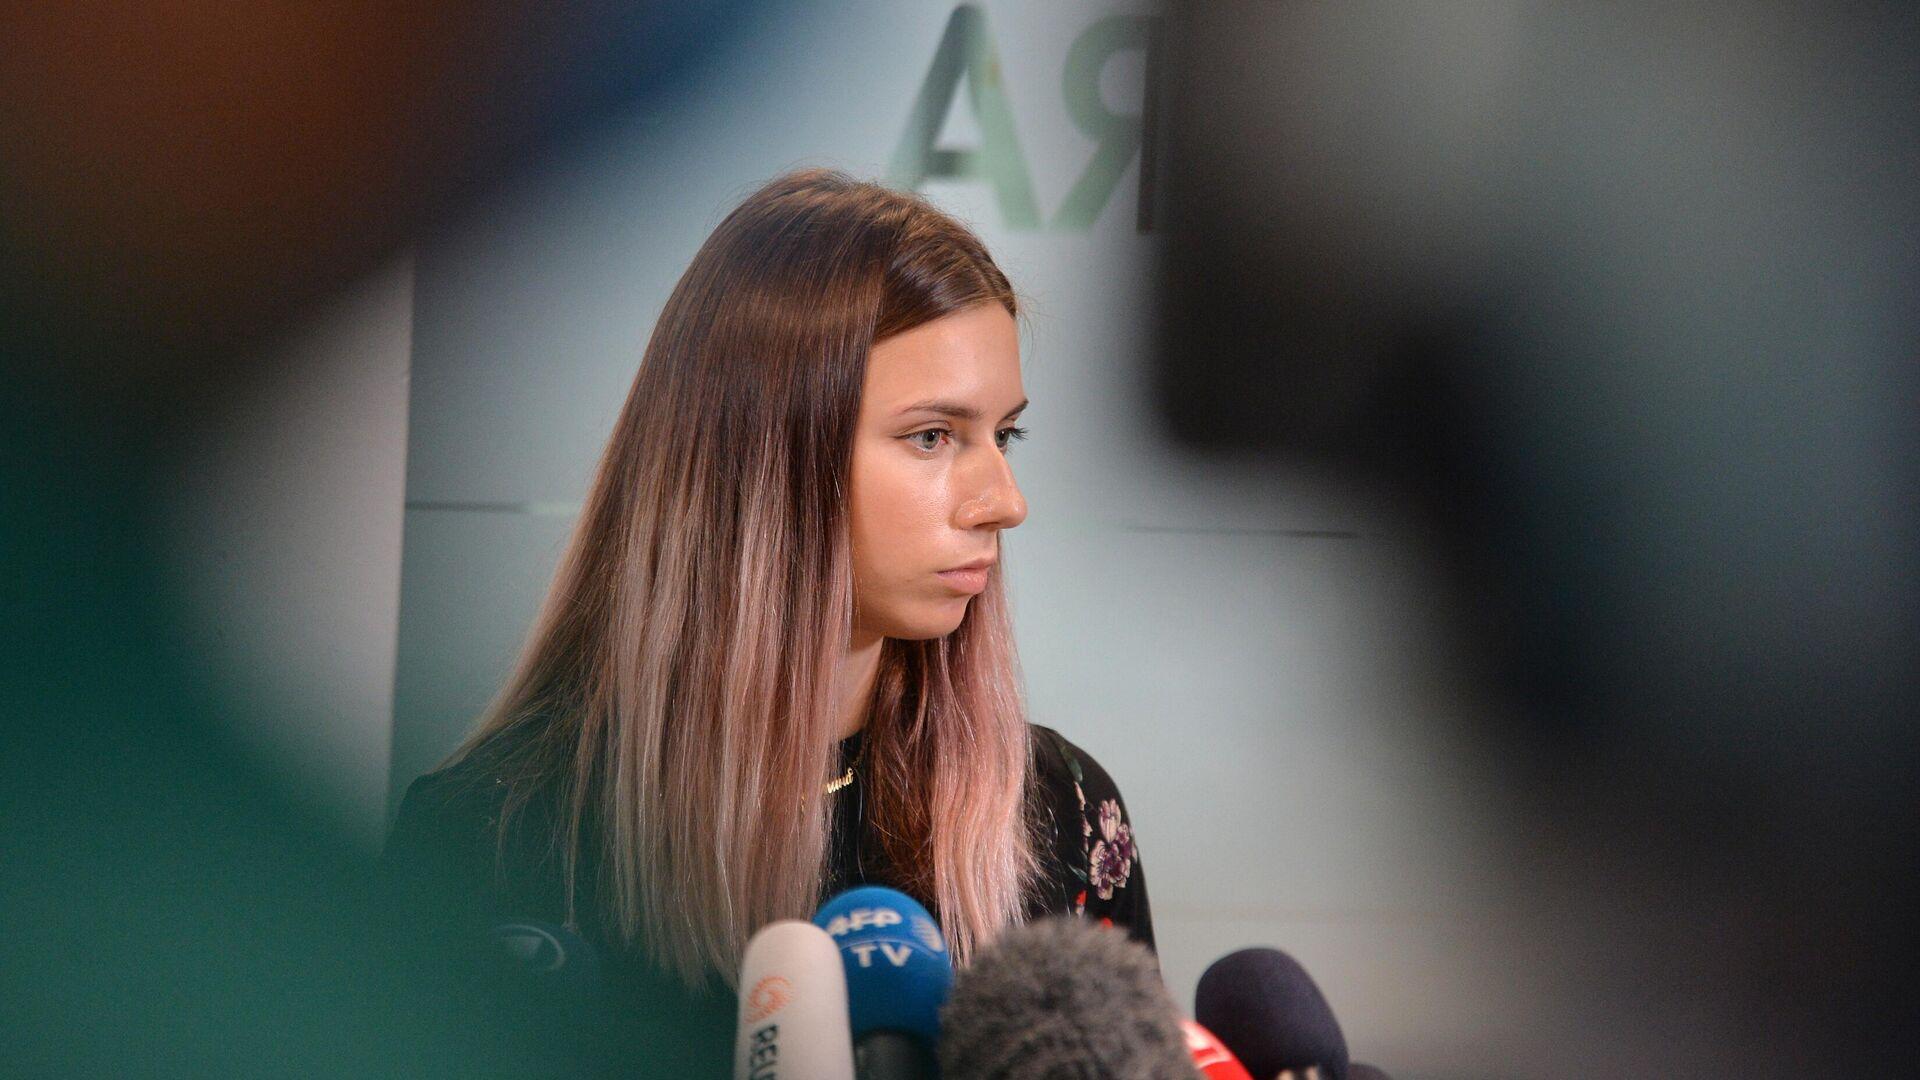 Белорусская легкоатлетка Кристина Тимановская во время пресс-конференции в Варшаве - РИА Новости, 1920, 07.08.2021